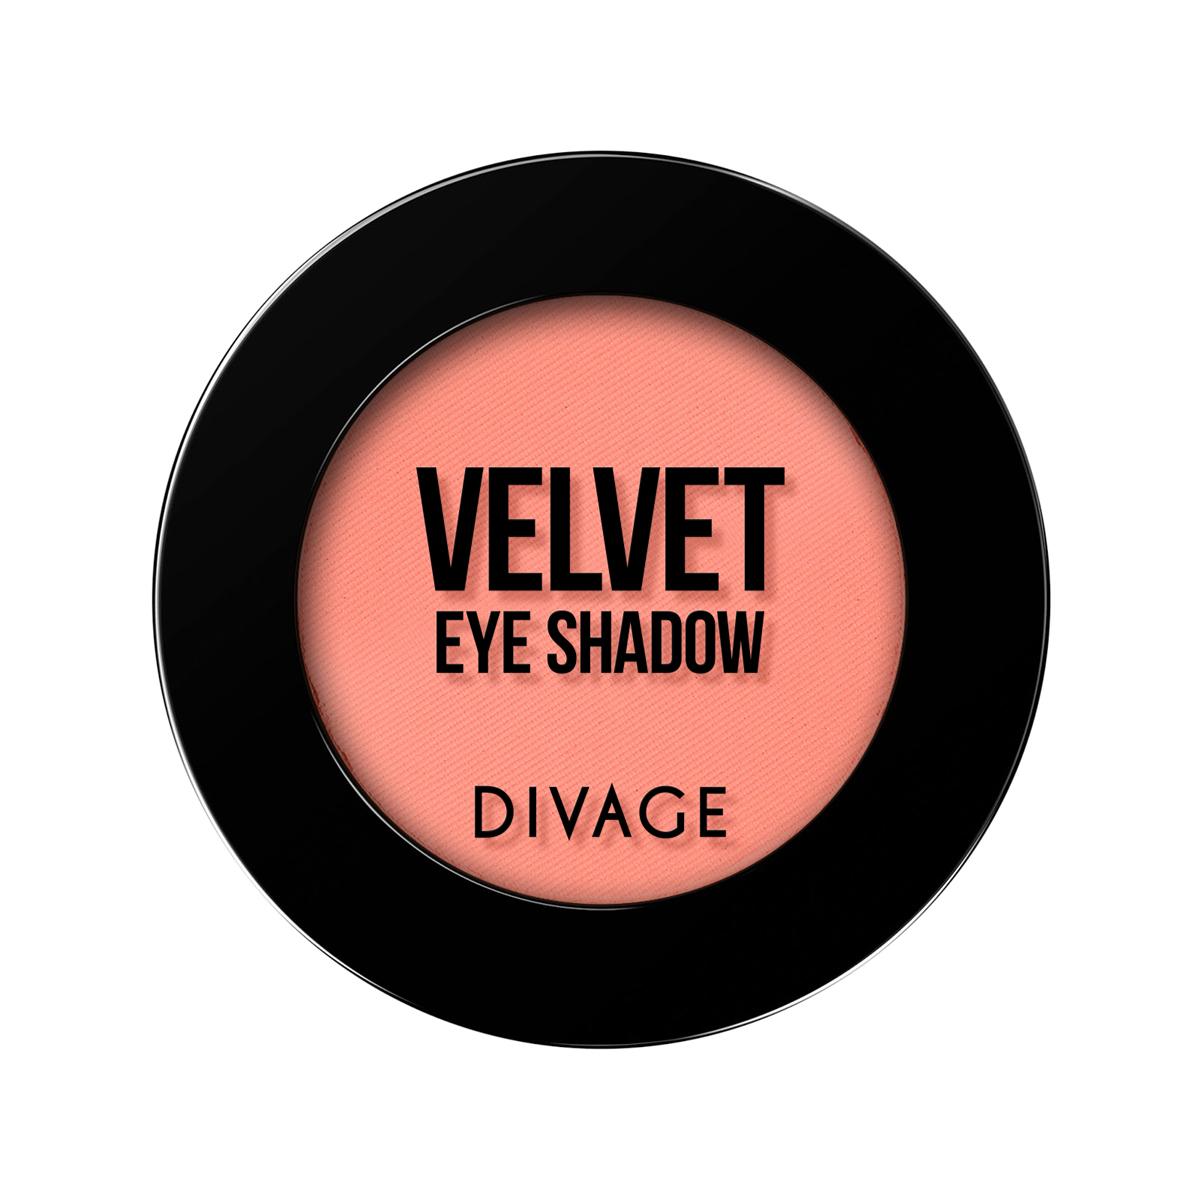 DIVAGE Матовые одноцветные тени для век VELVET , тон № 7321, 3 гр.002722Благородство матовых оттенков на ваших глазахХочешь профессиональный макияж в домашних условиях?! Тогда матовые тени VELVET это, то, что тебе нужно, главный тренд в макияже, насыщенные оттенки, профессиональные текстуры, ультра-стойкий эффект. Всё это было секретом визажистов, теперь этот секрет доступен и тебе! Палитра из 15 оттенков, позволяет создать великолепный образ для любого события. Текстура теней VELVET напоминает бархат, благодаря своей шелковистой формуле тени легко растушевываются по поверхности века, позволяя комбинировать между собой все оттенки палитры. Тени идеально подходят для жирной кожи век, за счёт своей плотной пудровой текстуры тени не осыпаются и не собираются в складках века, сохраняя идеально ровное покрытие до 8 часов.СОВЕТ DIVAGE: Используя тени для макияжа глаз от DIVAGE, ты легко можешь меняться каждый день, создавая различные образы. Но как выбрать свой оттенок в таком многообразии? Выбирай контрастные оттенки тенейк твоему цвету глаз. Карие глаза хорошо подчеркнут зелёные и фиолетовые оттенки, все оттенки коричневого придадут выразительности зелёным глазкам, для серых и голубых больше всего подойду оттенки кораллового, золотого ирозового. С макияжем выполненным тенями DIVAGE твой взгляд будет ещё притягательней!